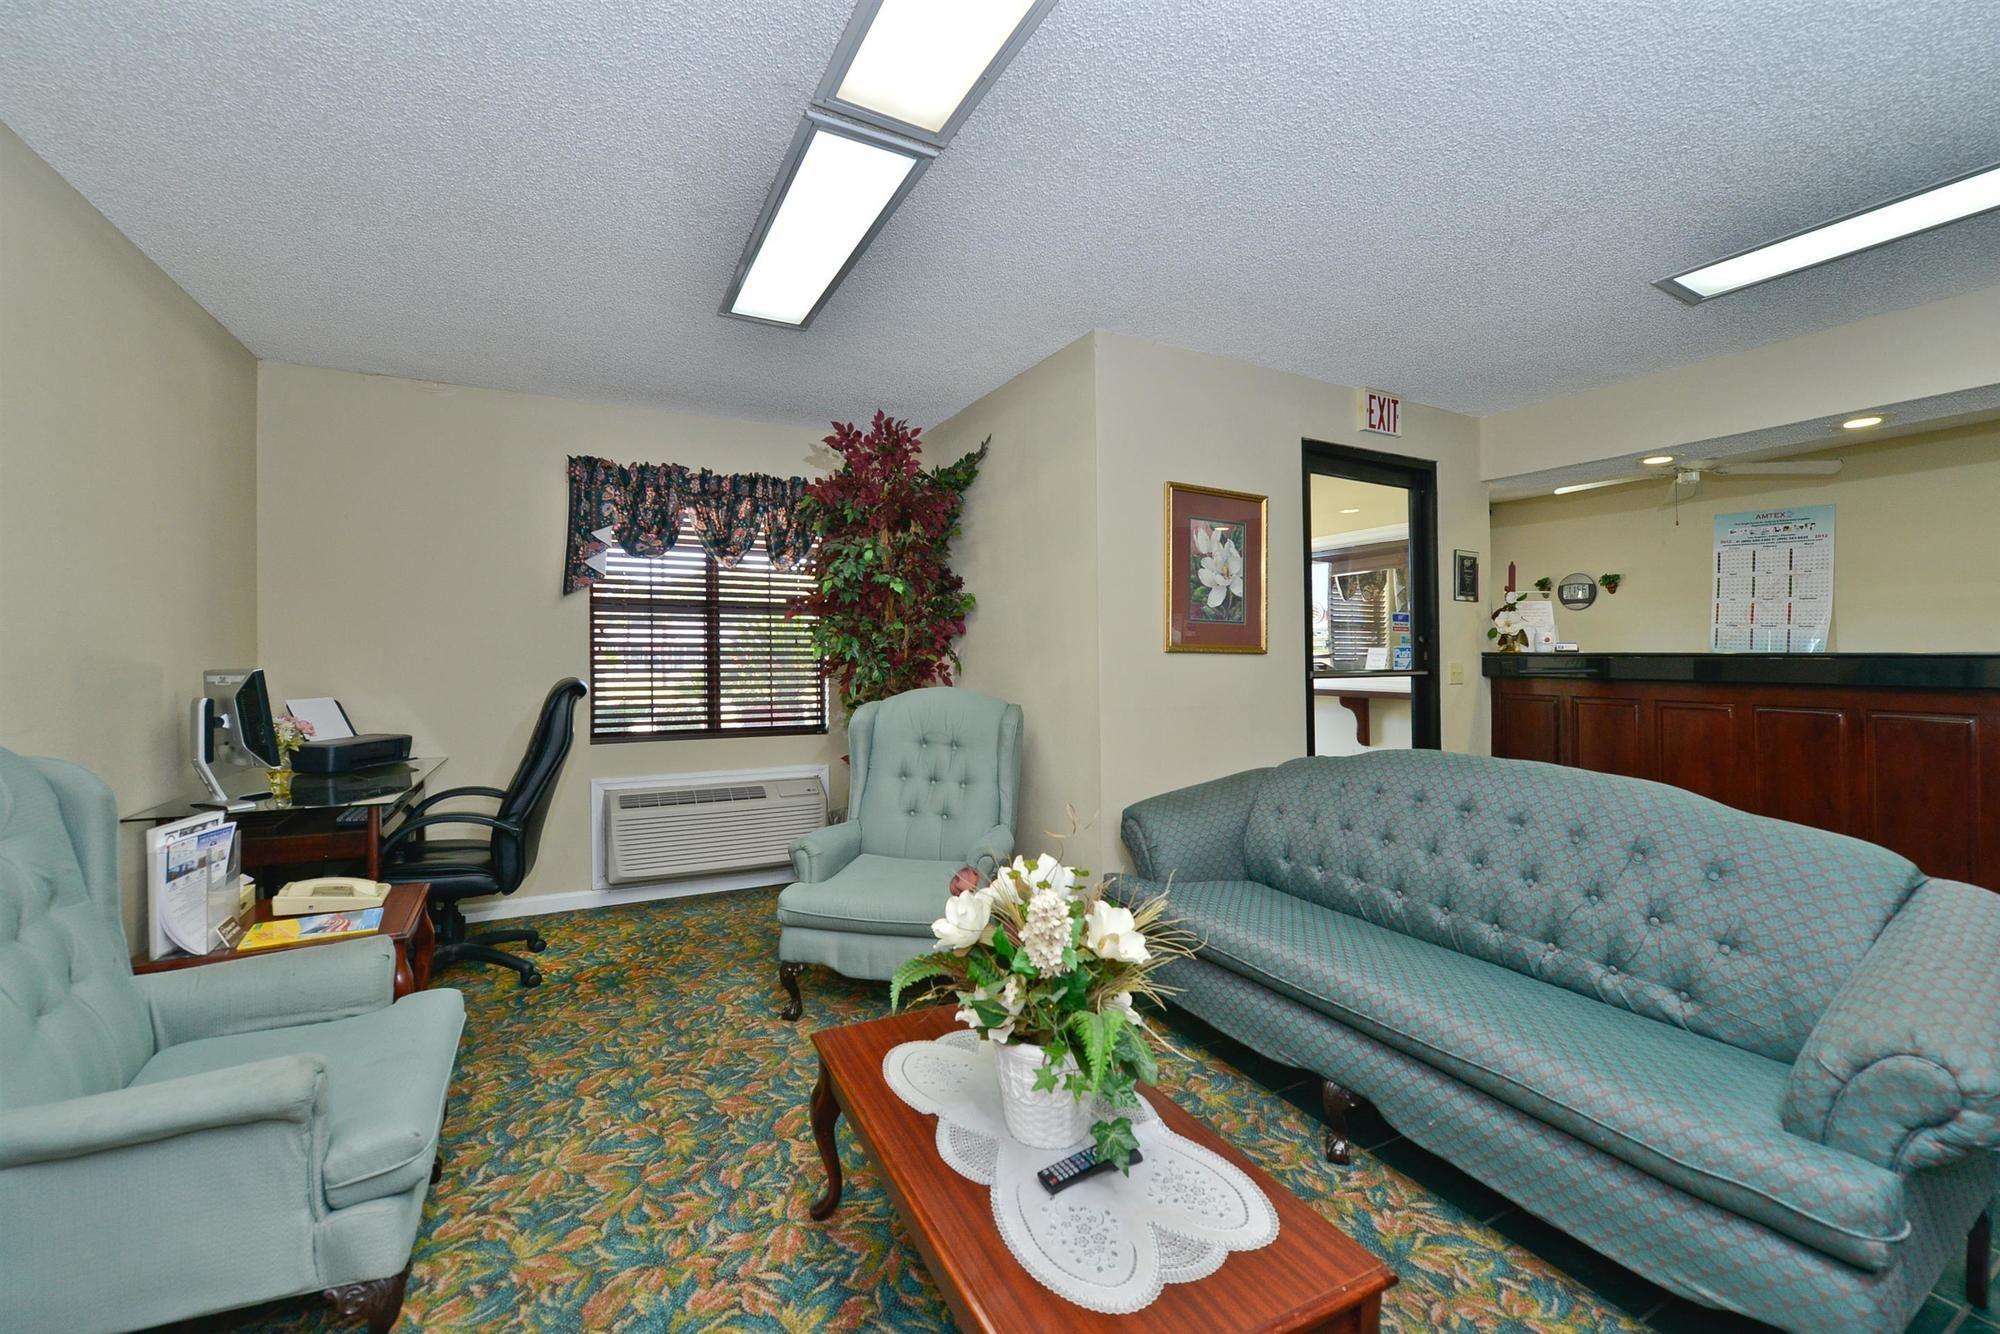 Americas Best Value Inn in Hazlehurst, GA